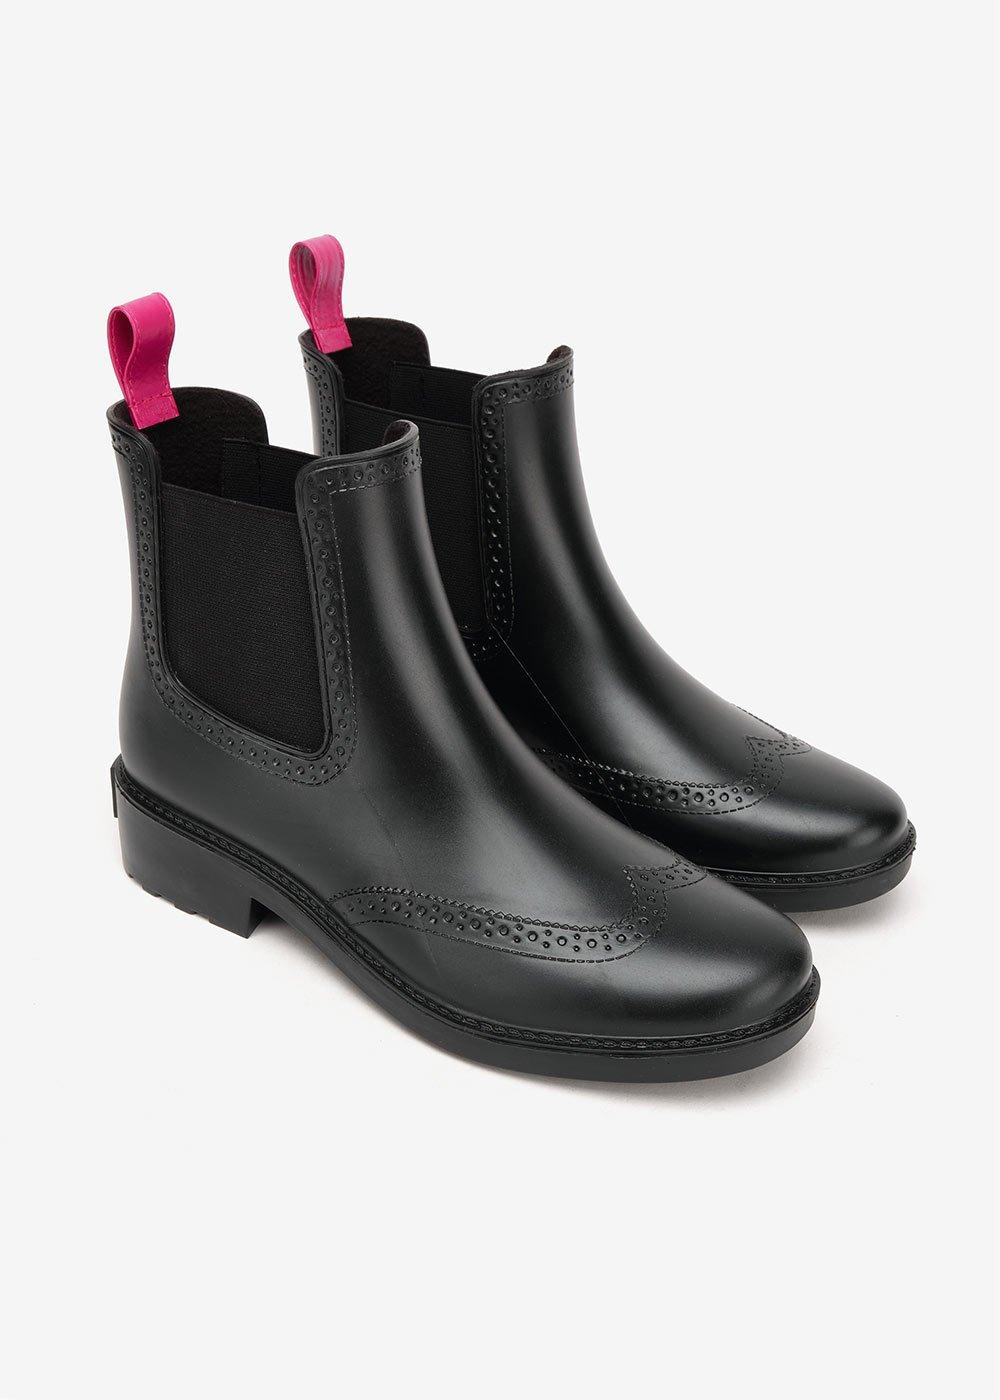 Rachel rainproof boots - Metal - Woman